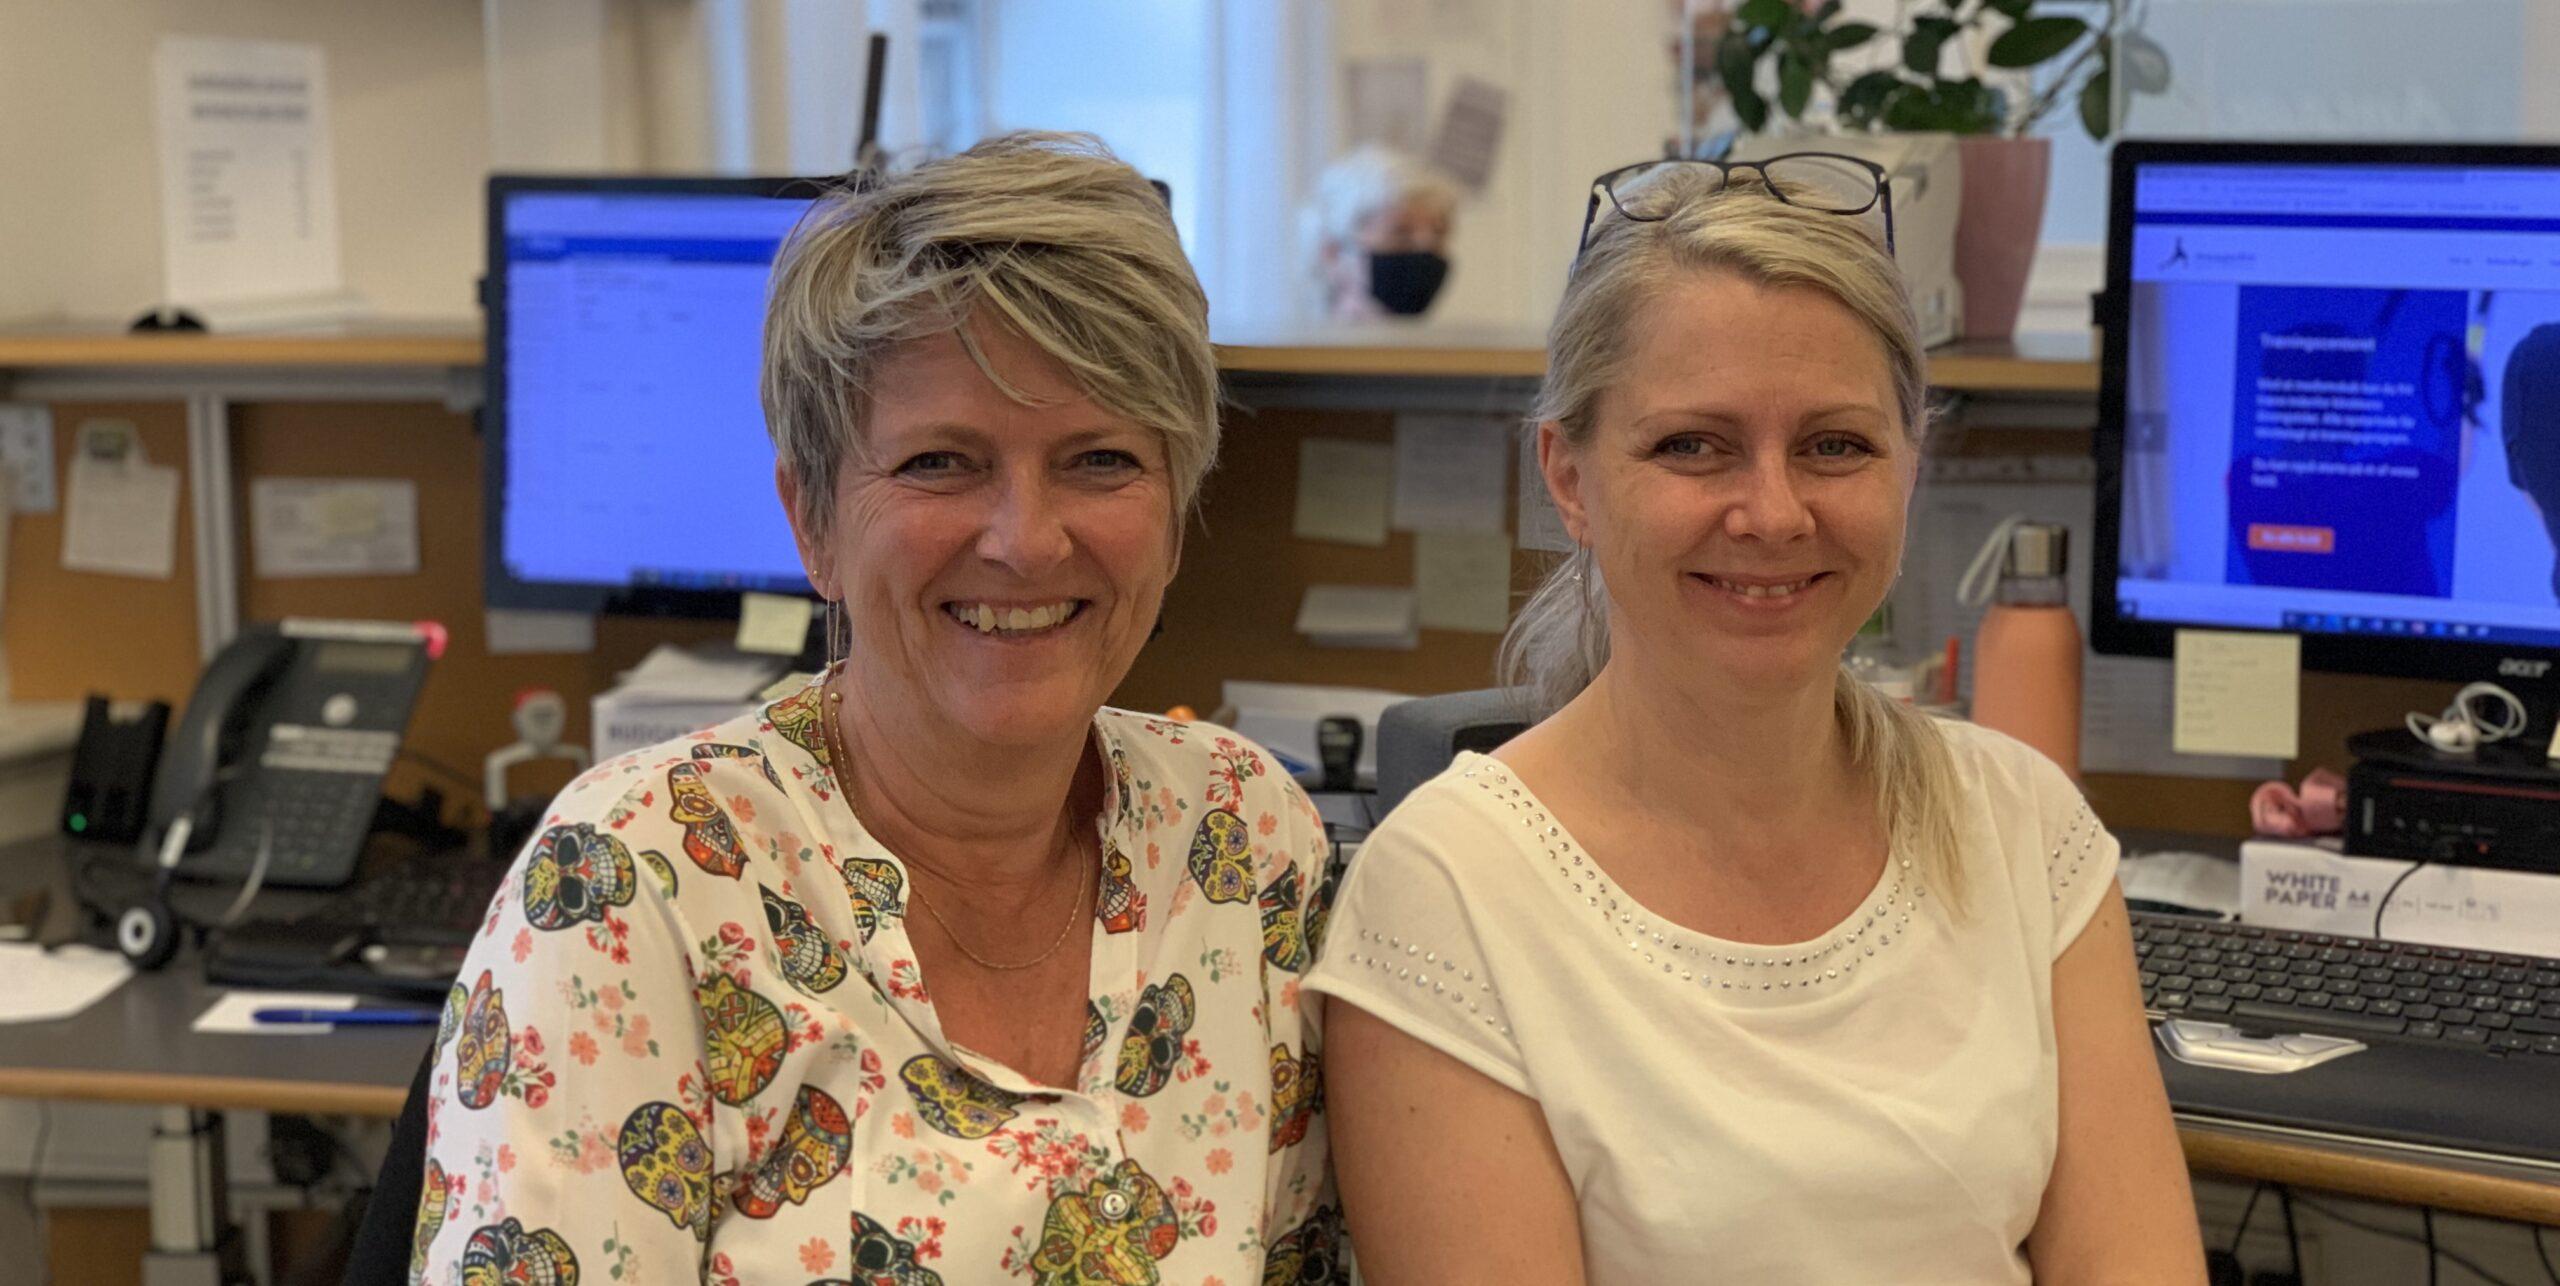 Hanne og Susanne tager imod i receptionen på Amagerbro Fysioterapi og træningscenter